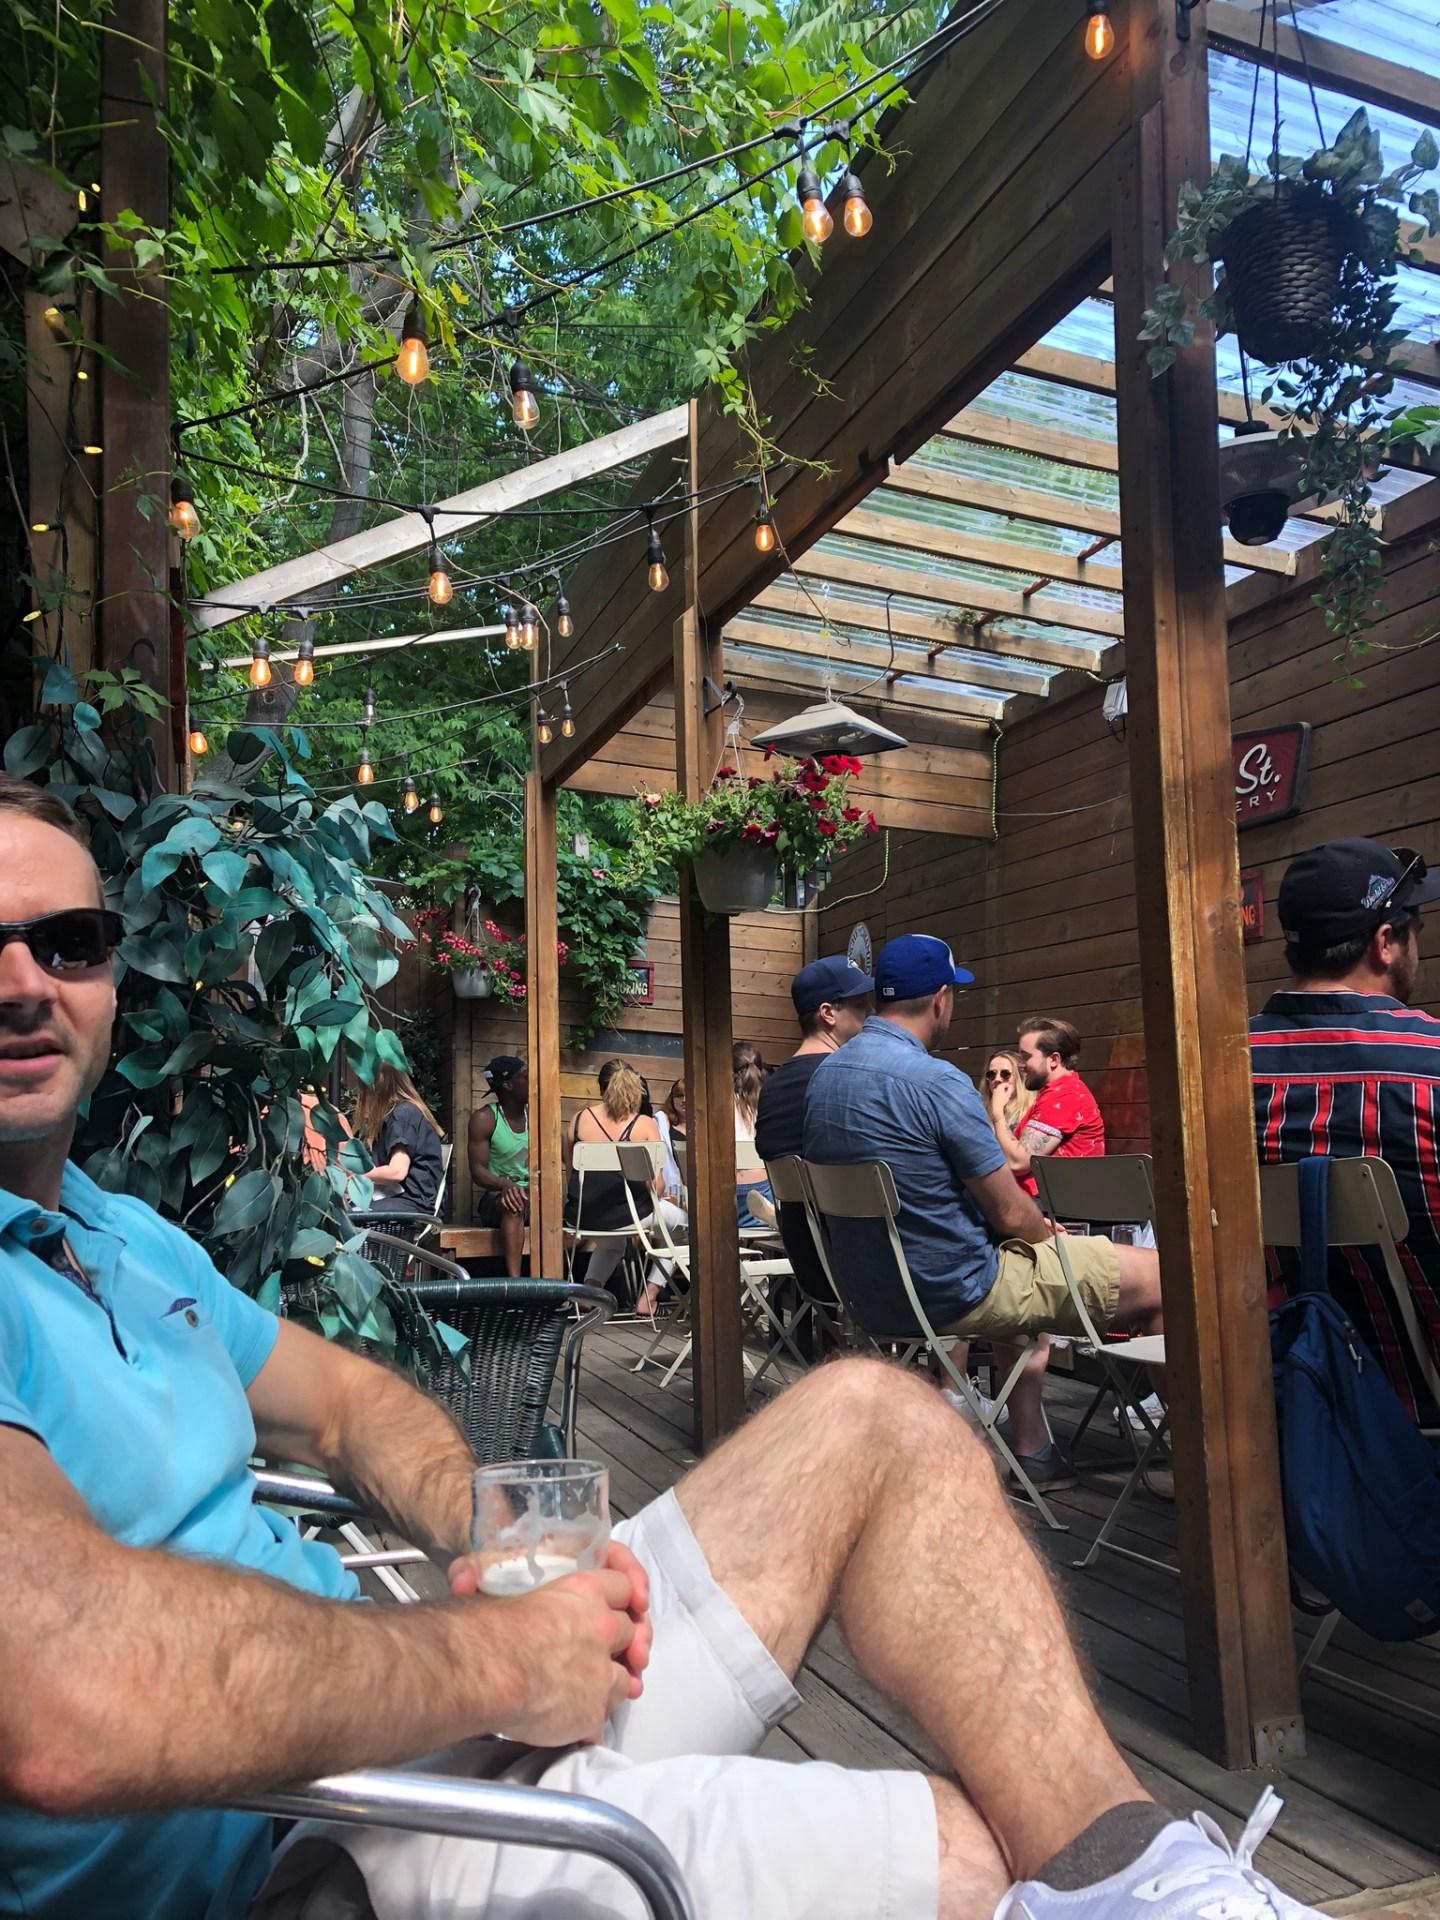 Summer in Toronto: Sweaty Betty's beer garden